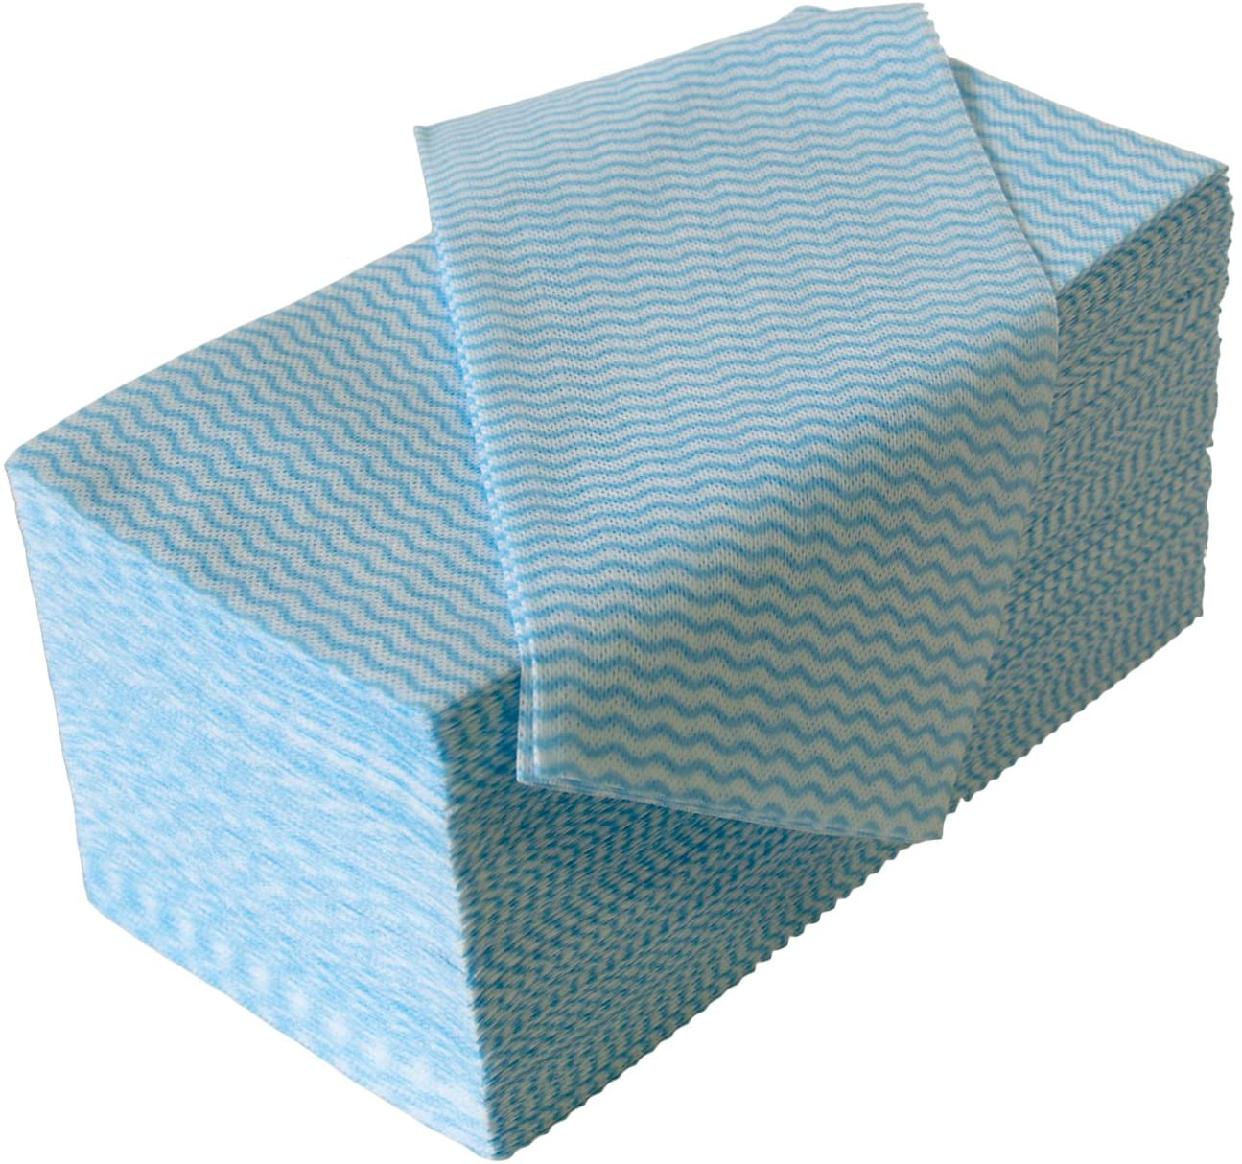 STRIX DESIGN(ストリックスデザイン)ふきん 100枚 ブルー J-116